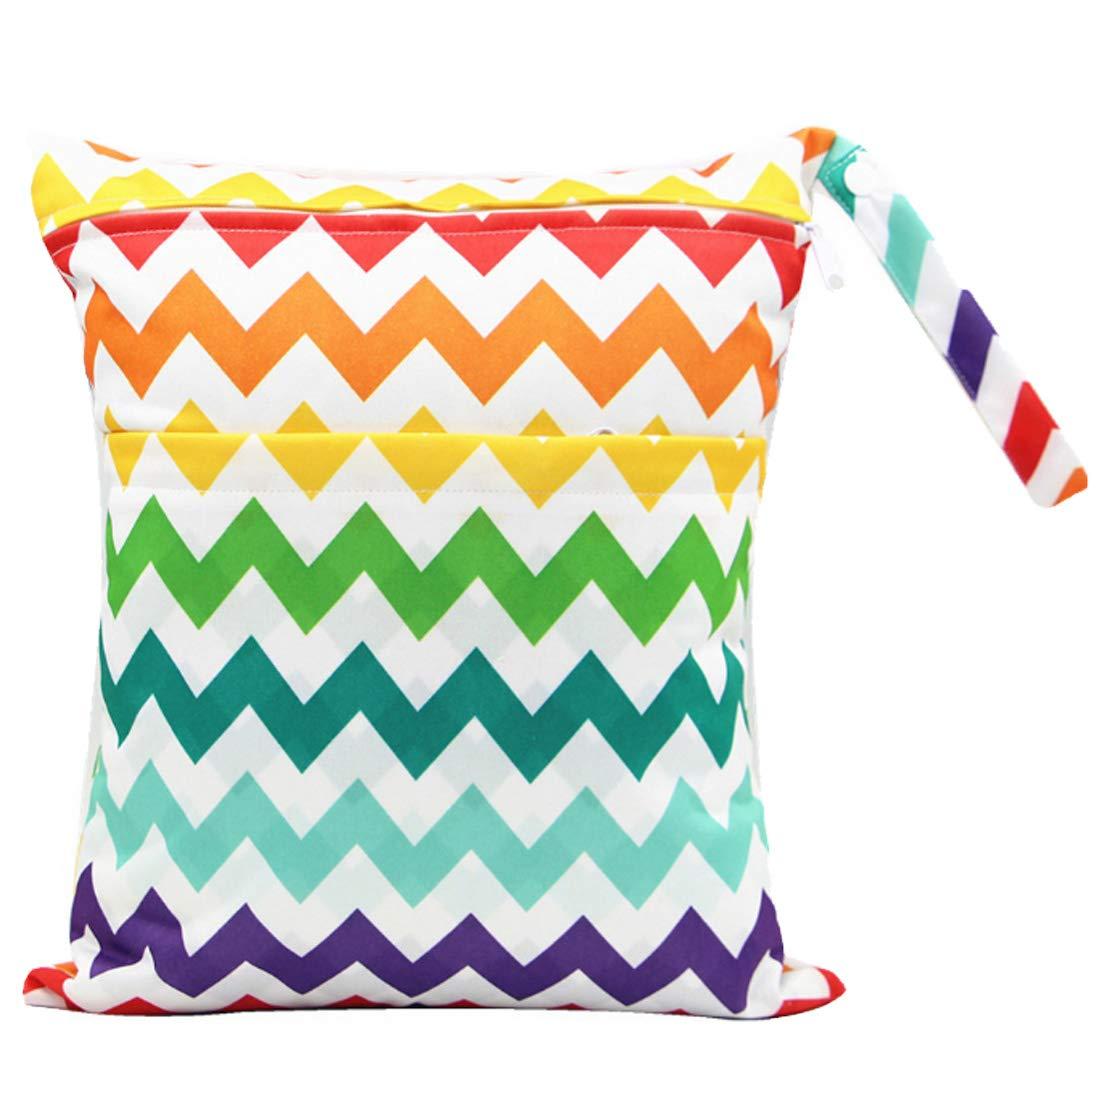 JAPAN おむつポーチ おむつバッグ 防水バッグ オムツ収納 軽量 お出かけ 赤ちゃん用品 カラフルな波